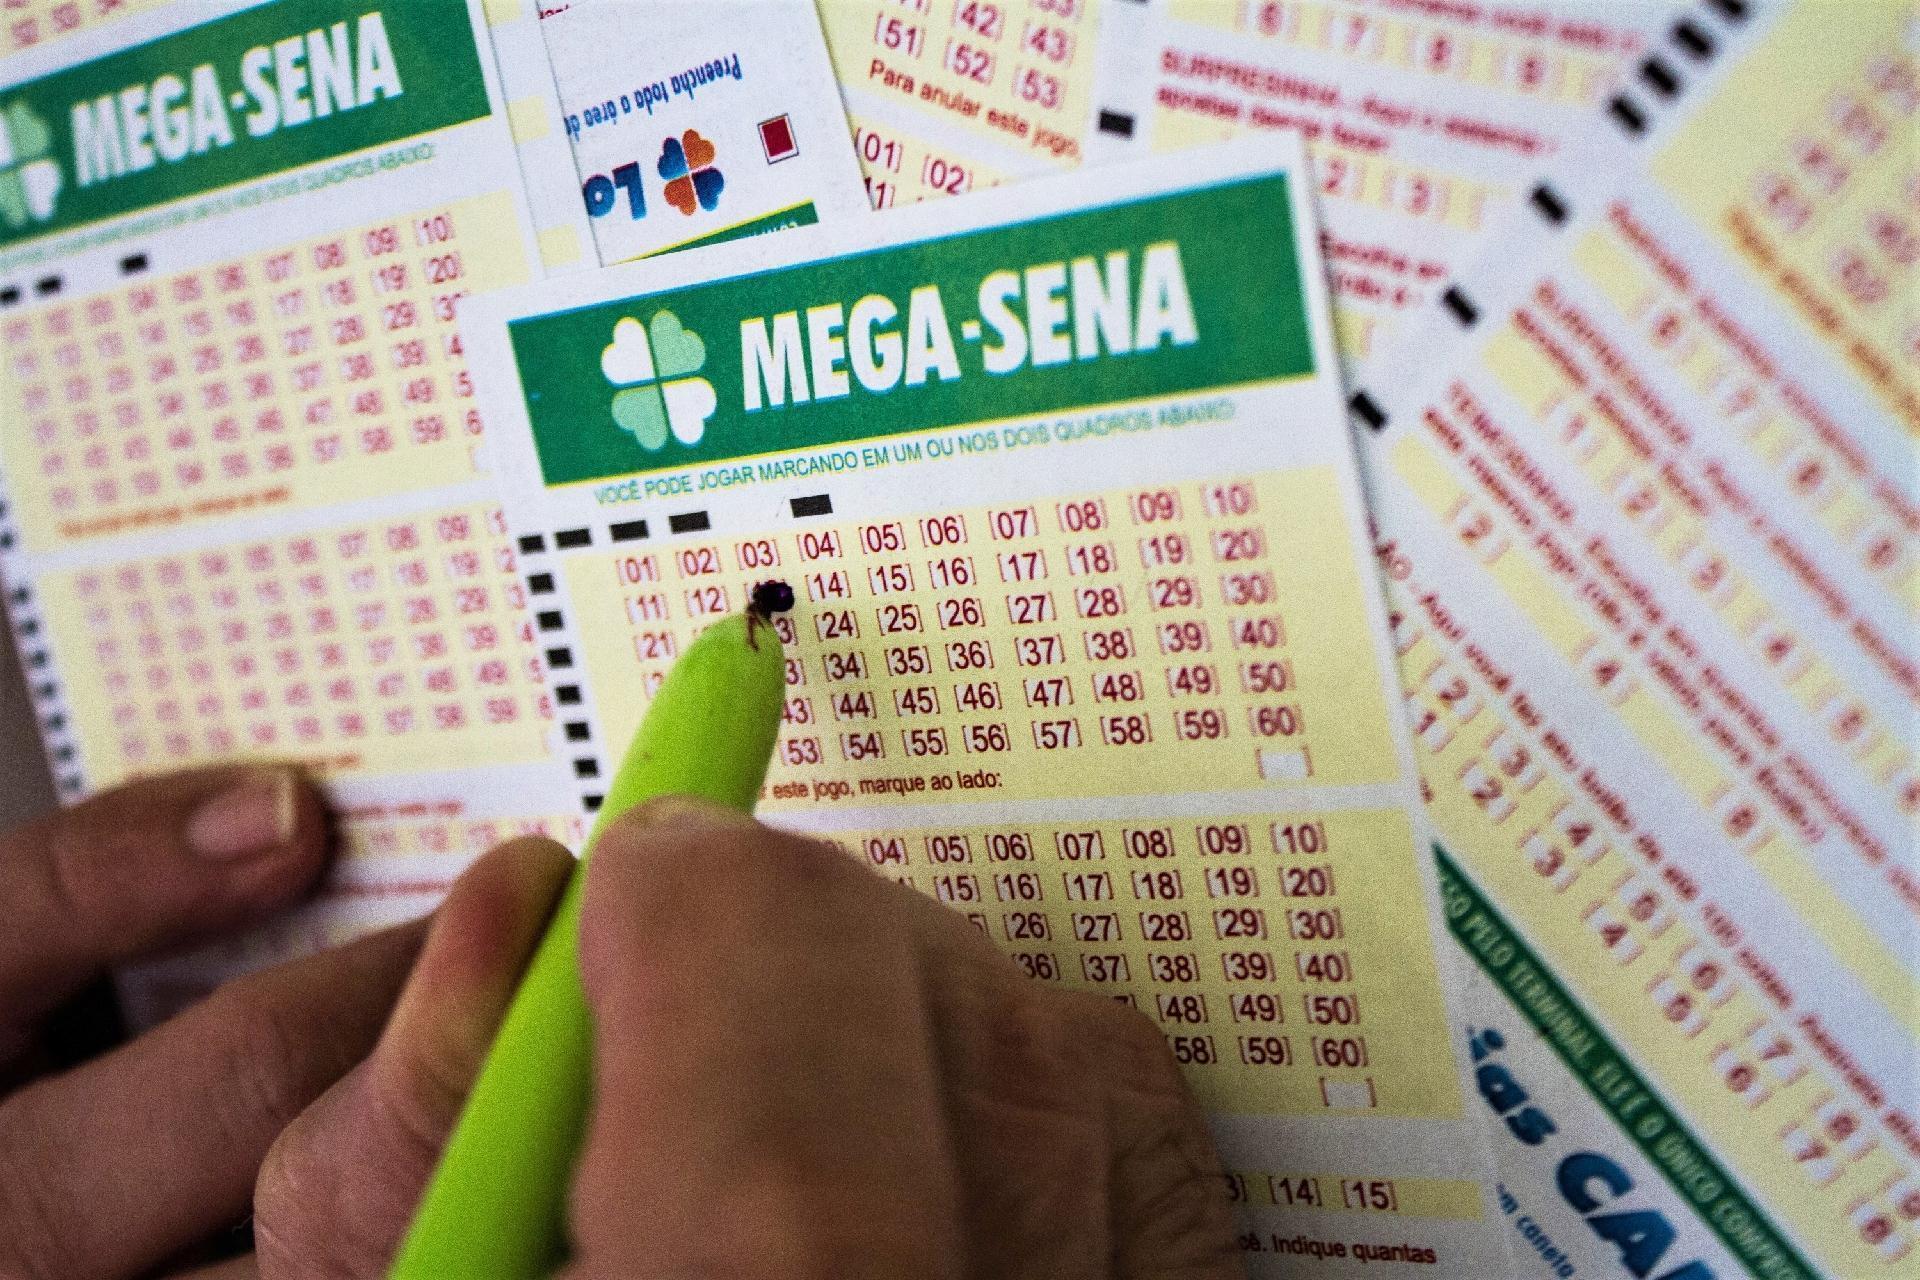 Mega - Sena 2318 - a imagem mostra uma mão segurando uma caneta e marcando números em um volante da Mega - Sena